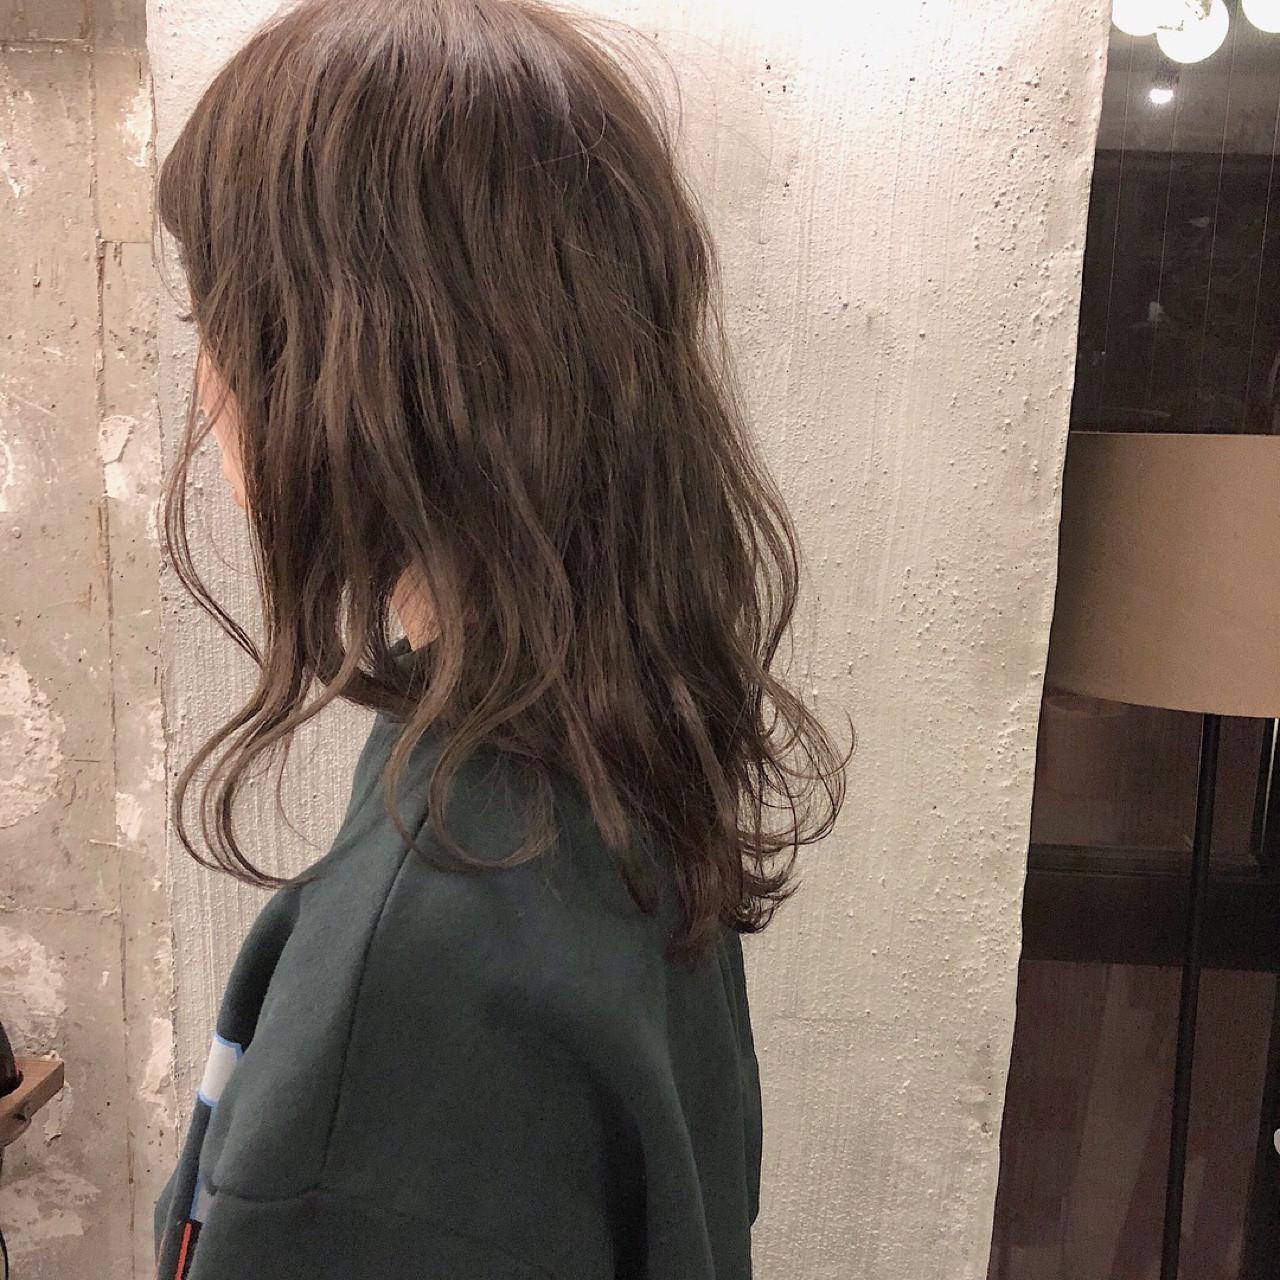 オフィス セミロング 外国人風カラー デート ヘアスタイルや髪型の写真・画像